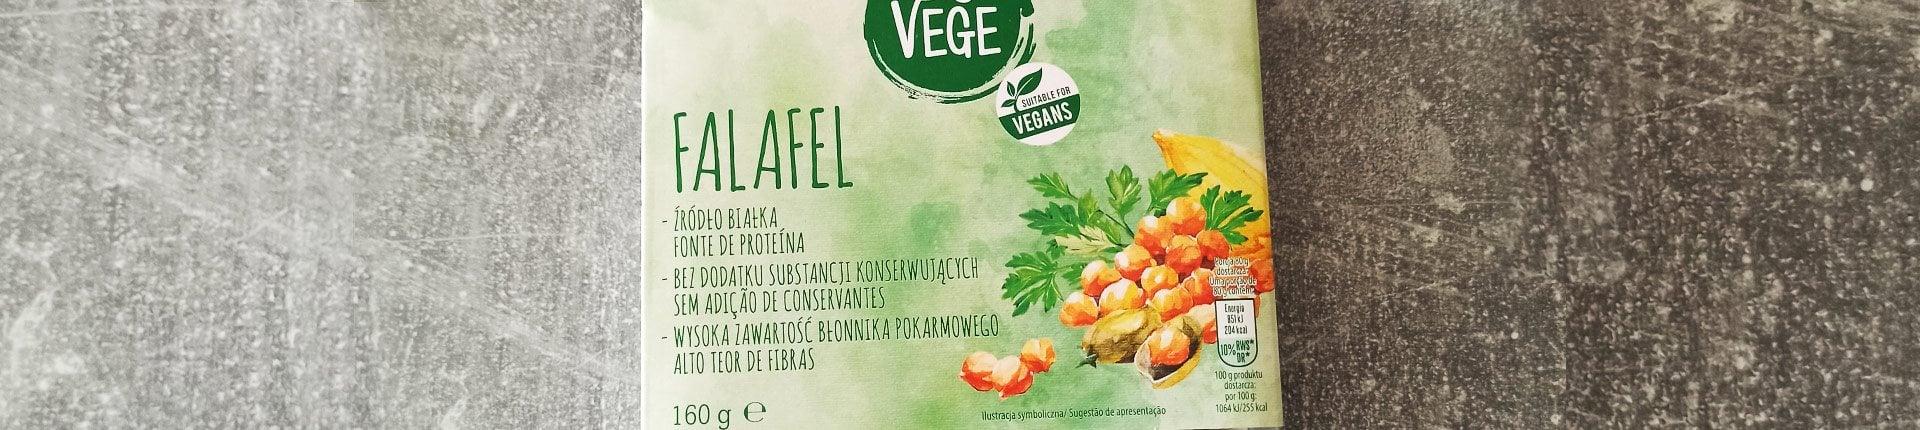 Falafel Go Vege - ocena produktu